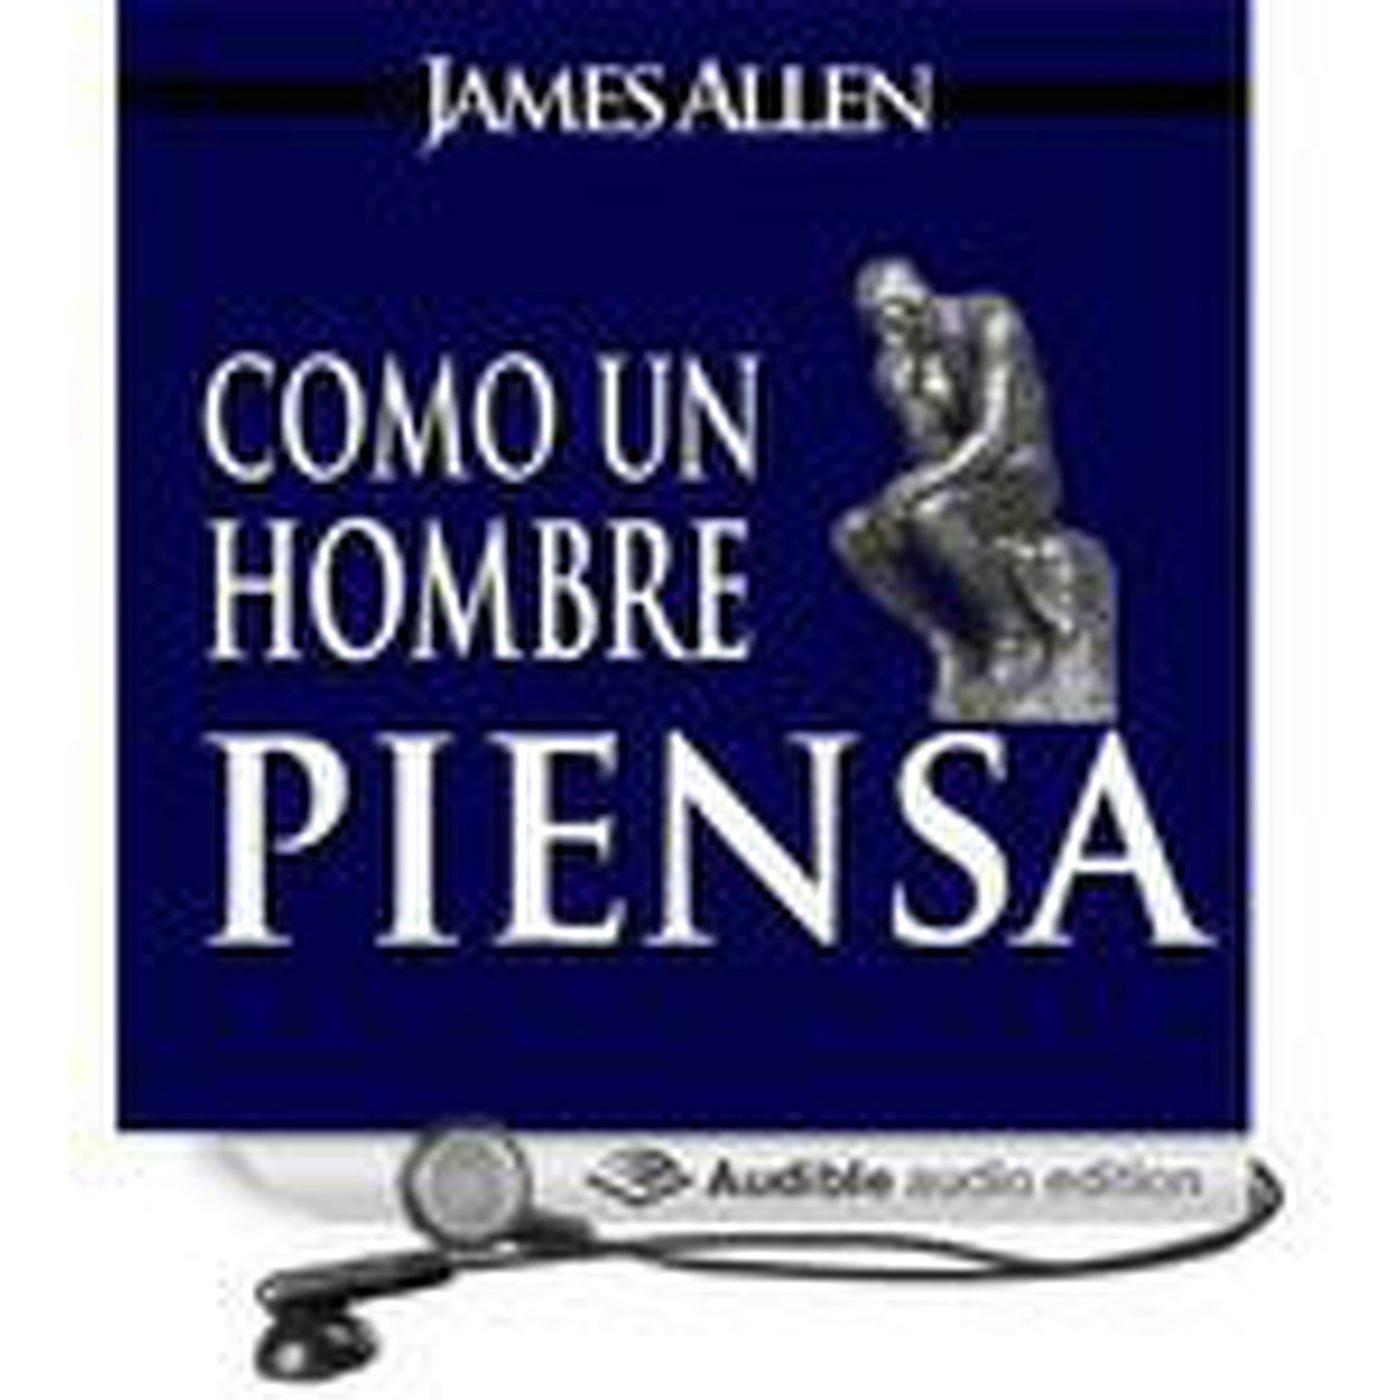 COMO UN HOMBRE PIENSA, ASI ES SU VIDA (James Allen)